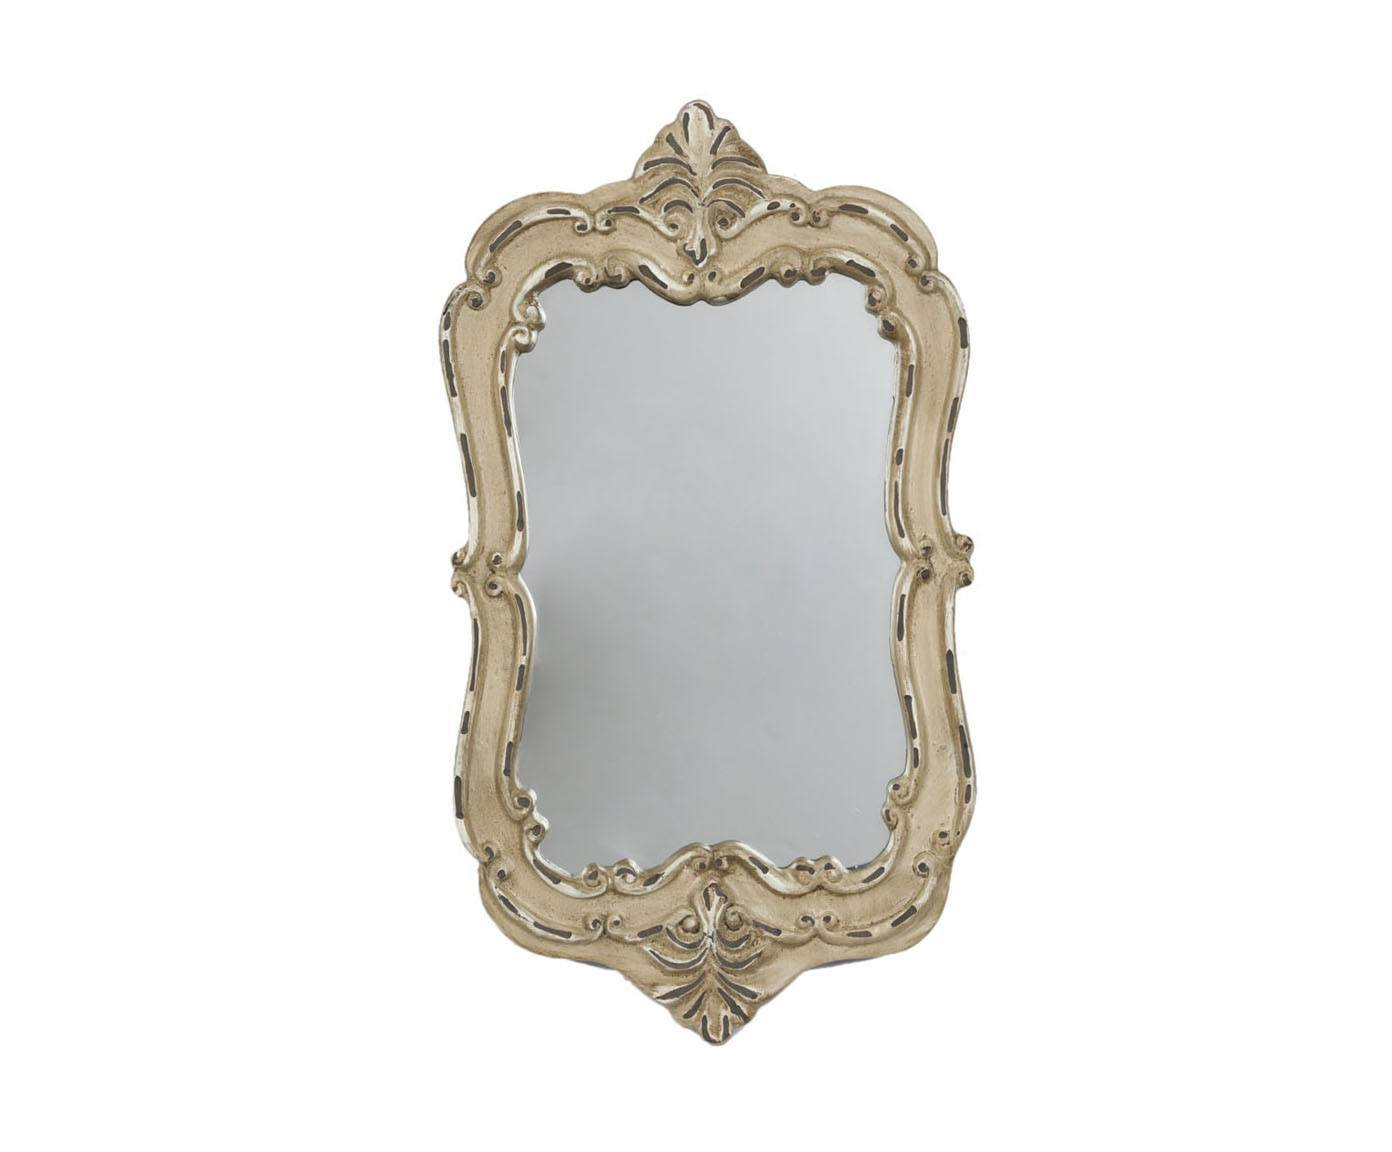 Зеркало PompeНастенные зеркала<br>Стиль дома отражает стиль жизни его обитателей. Зеркало Pompe создано для тех, кто понимает толк в моде, любит комфорт, изящность, стильные детали с характером и не боится экспериментировать. Оно идеально дополнит интерьер вашей гостиной, спальни или прихожей.<br><br>Material: Пластик<br>Width см: 19<br>Depth см: 4<br>Height см: 28.5